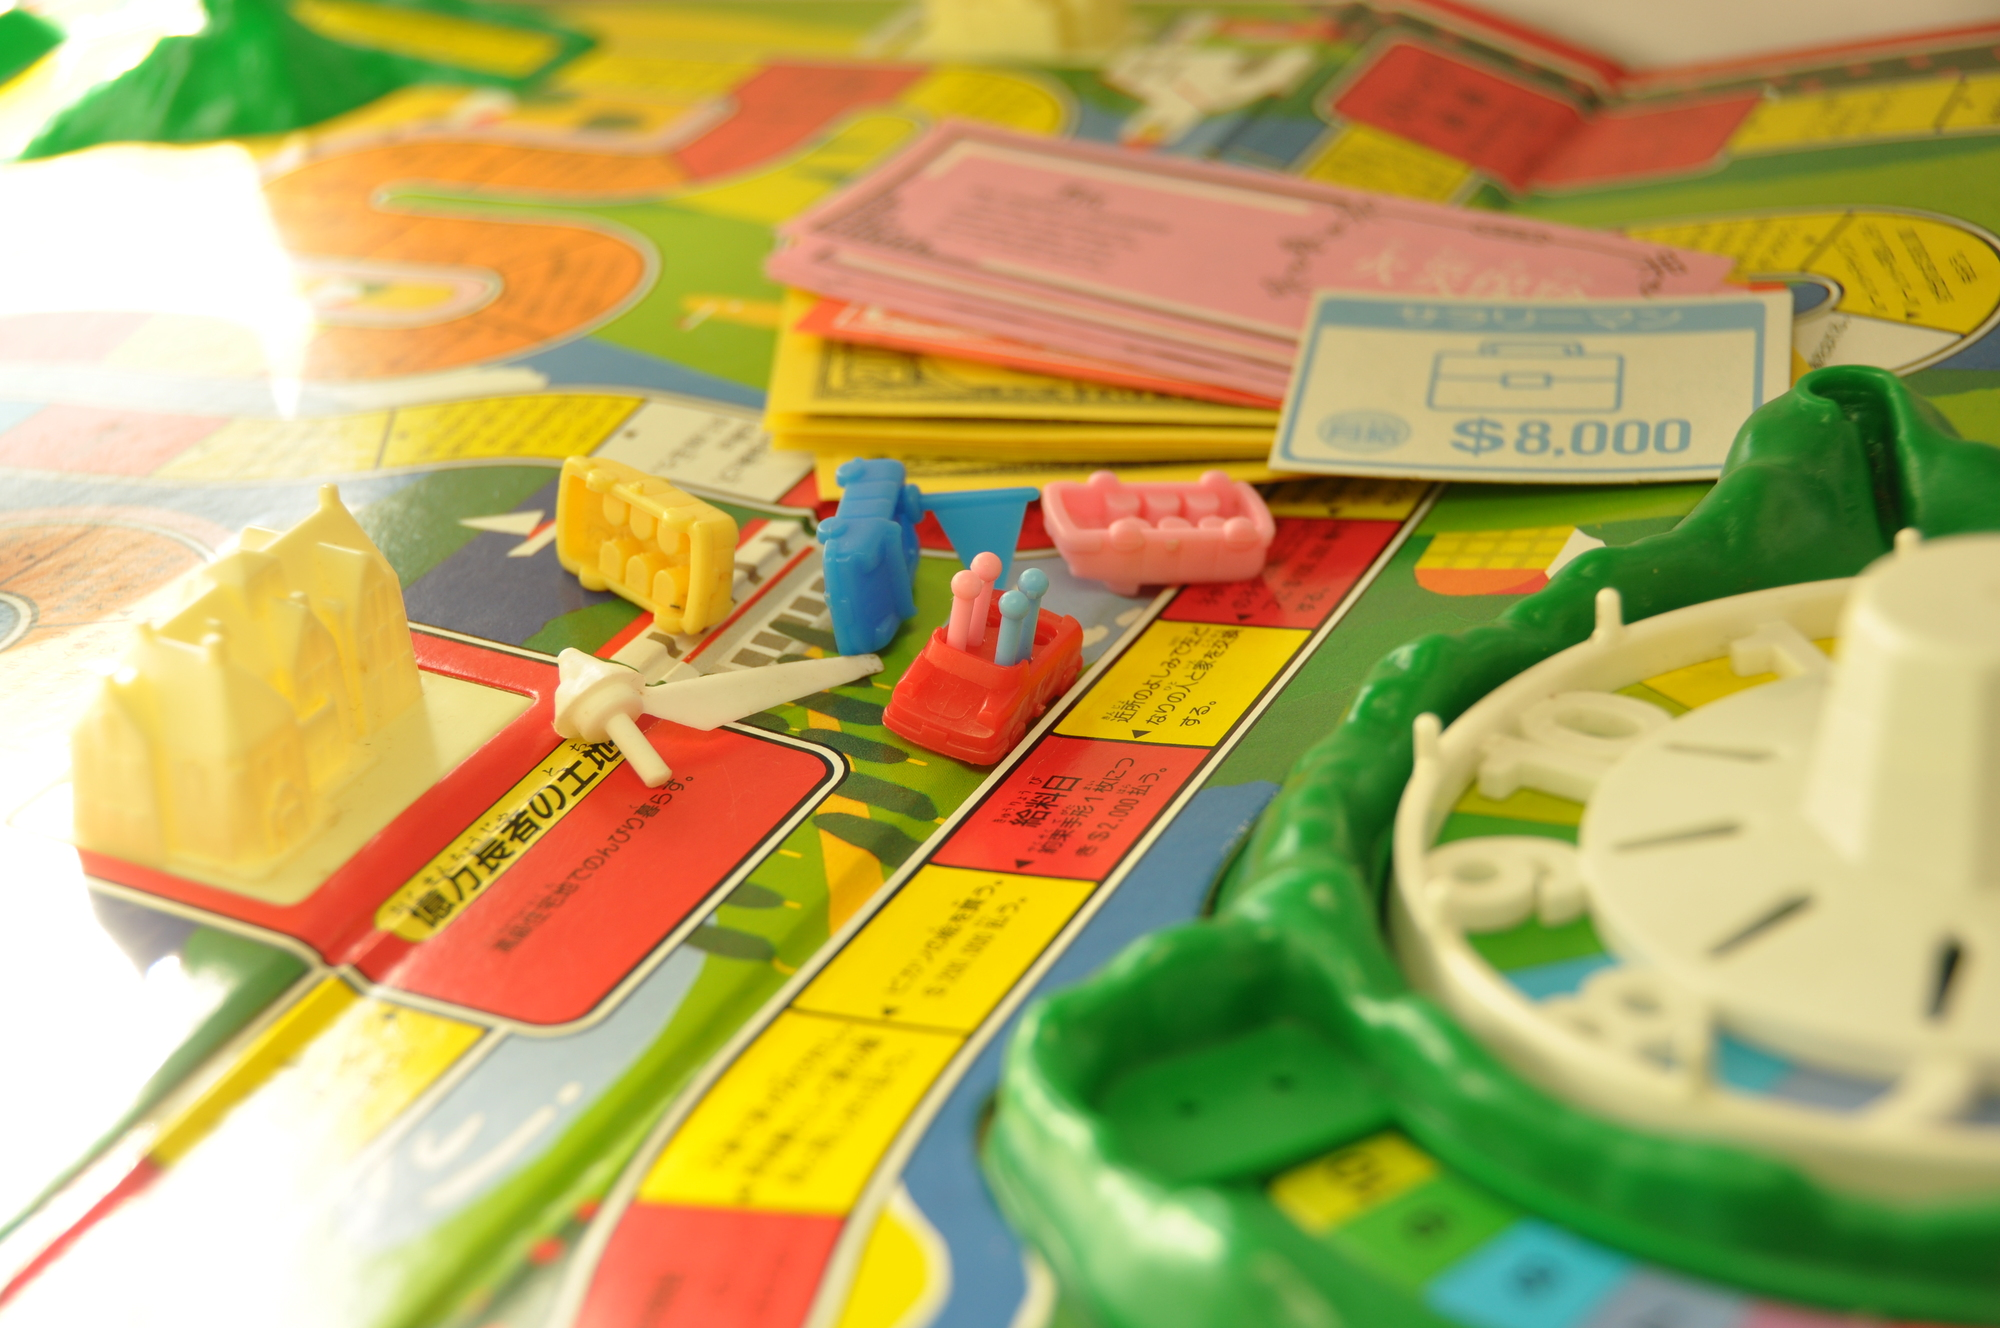 間違いなく盛り上がる!みんなで楽しめるおすすめなボードゲームを紹介